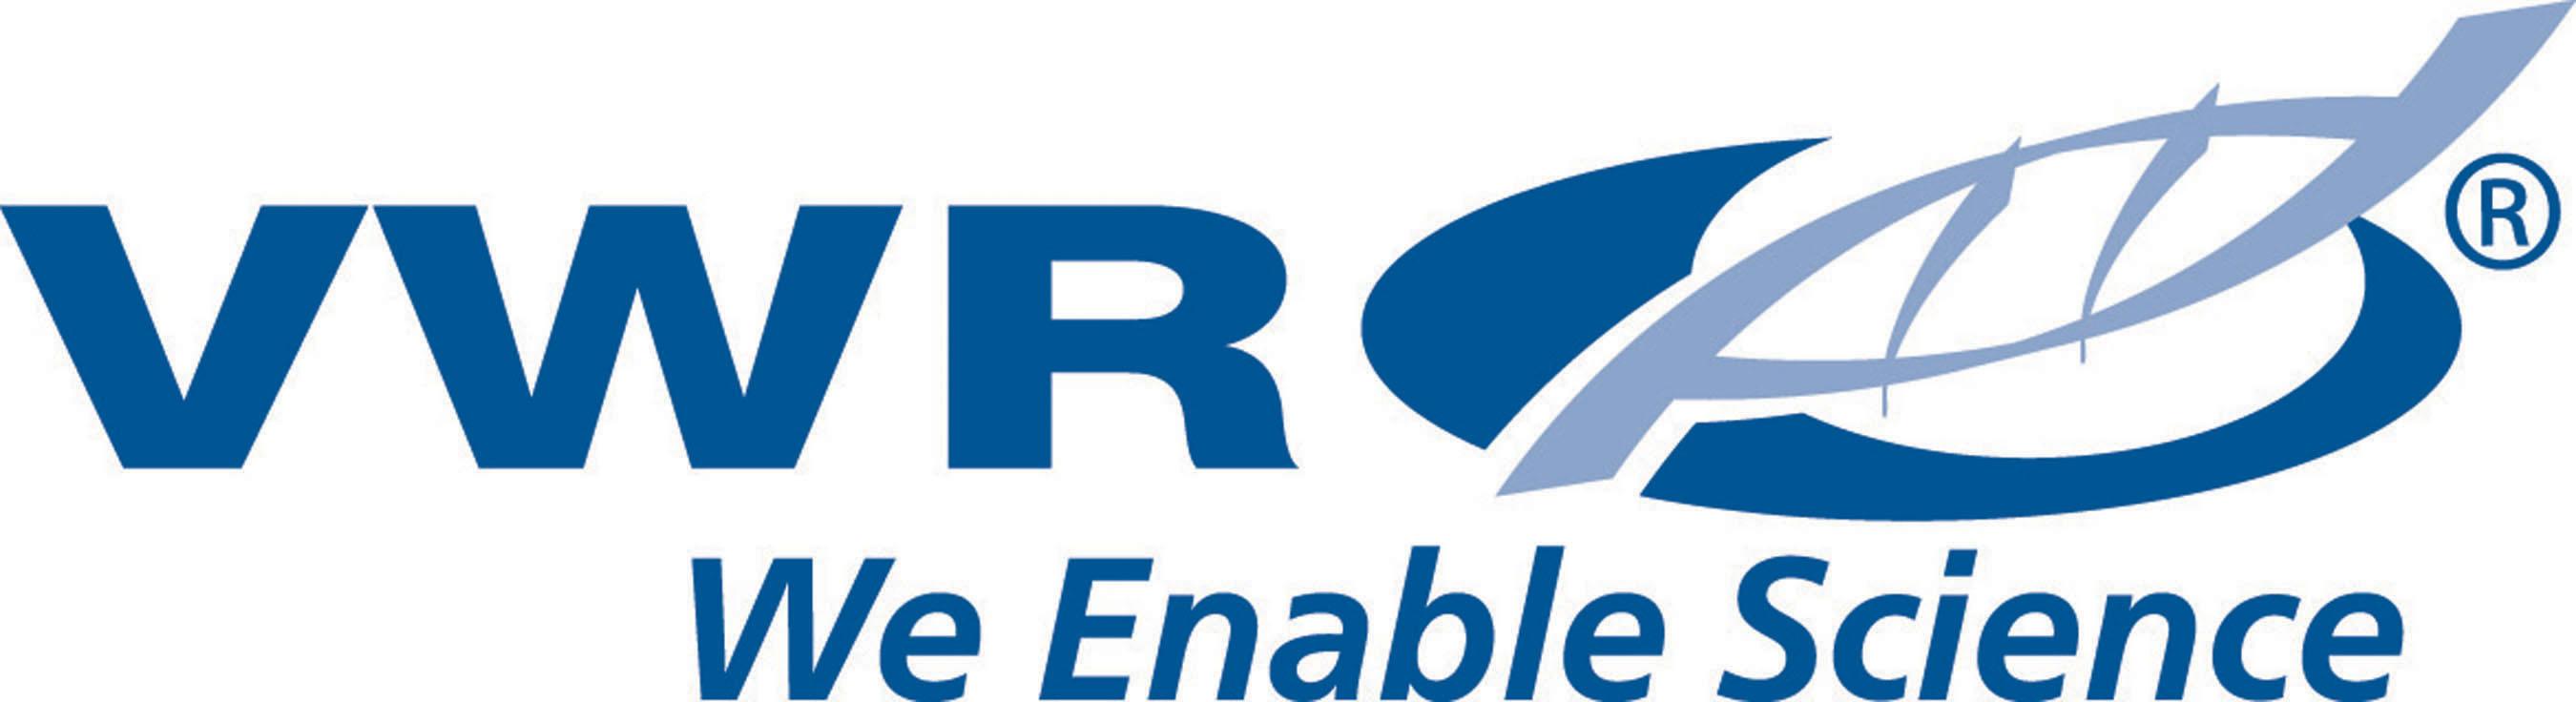 VWR International, LLC Logo.